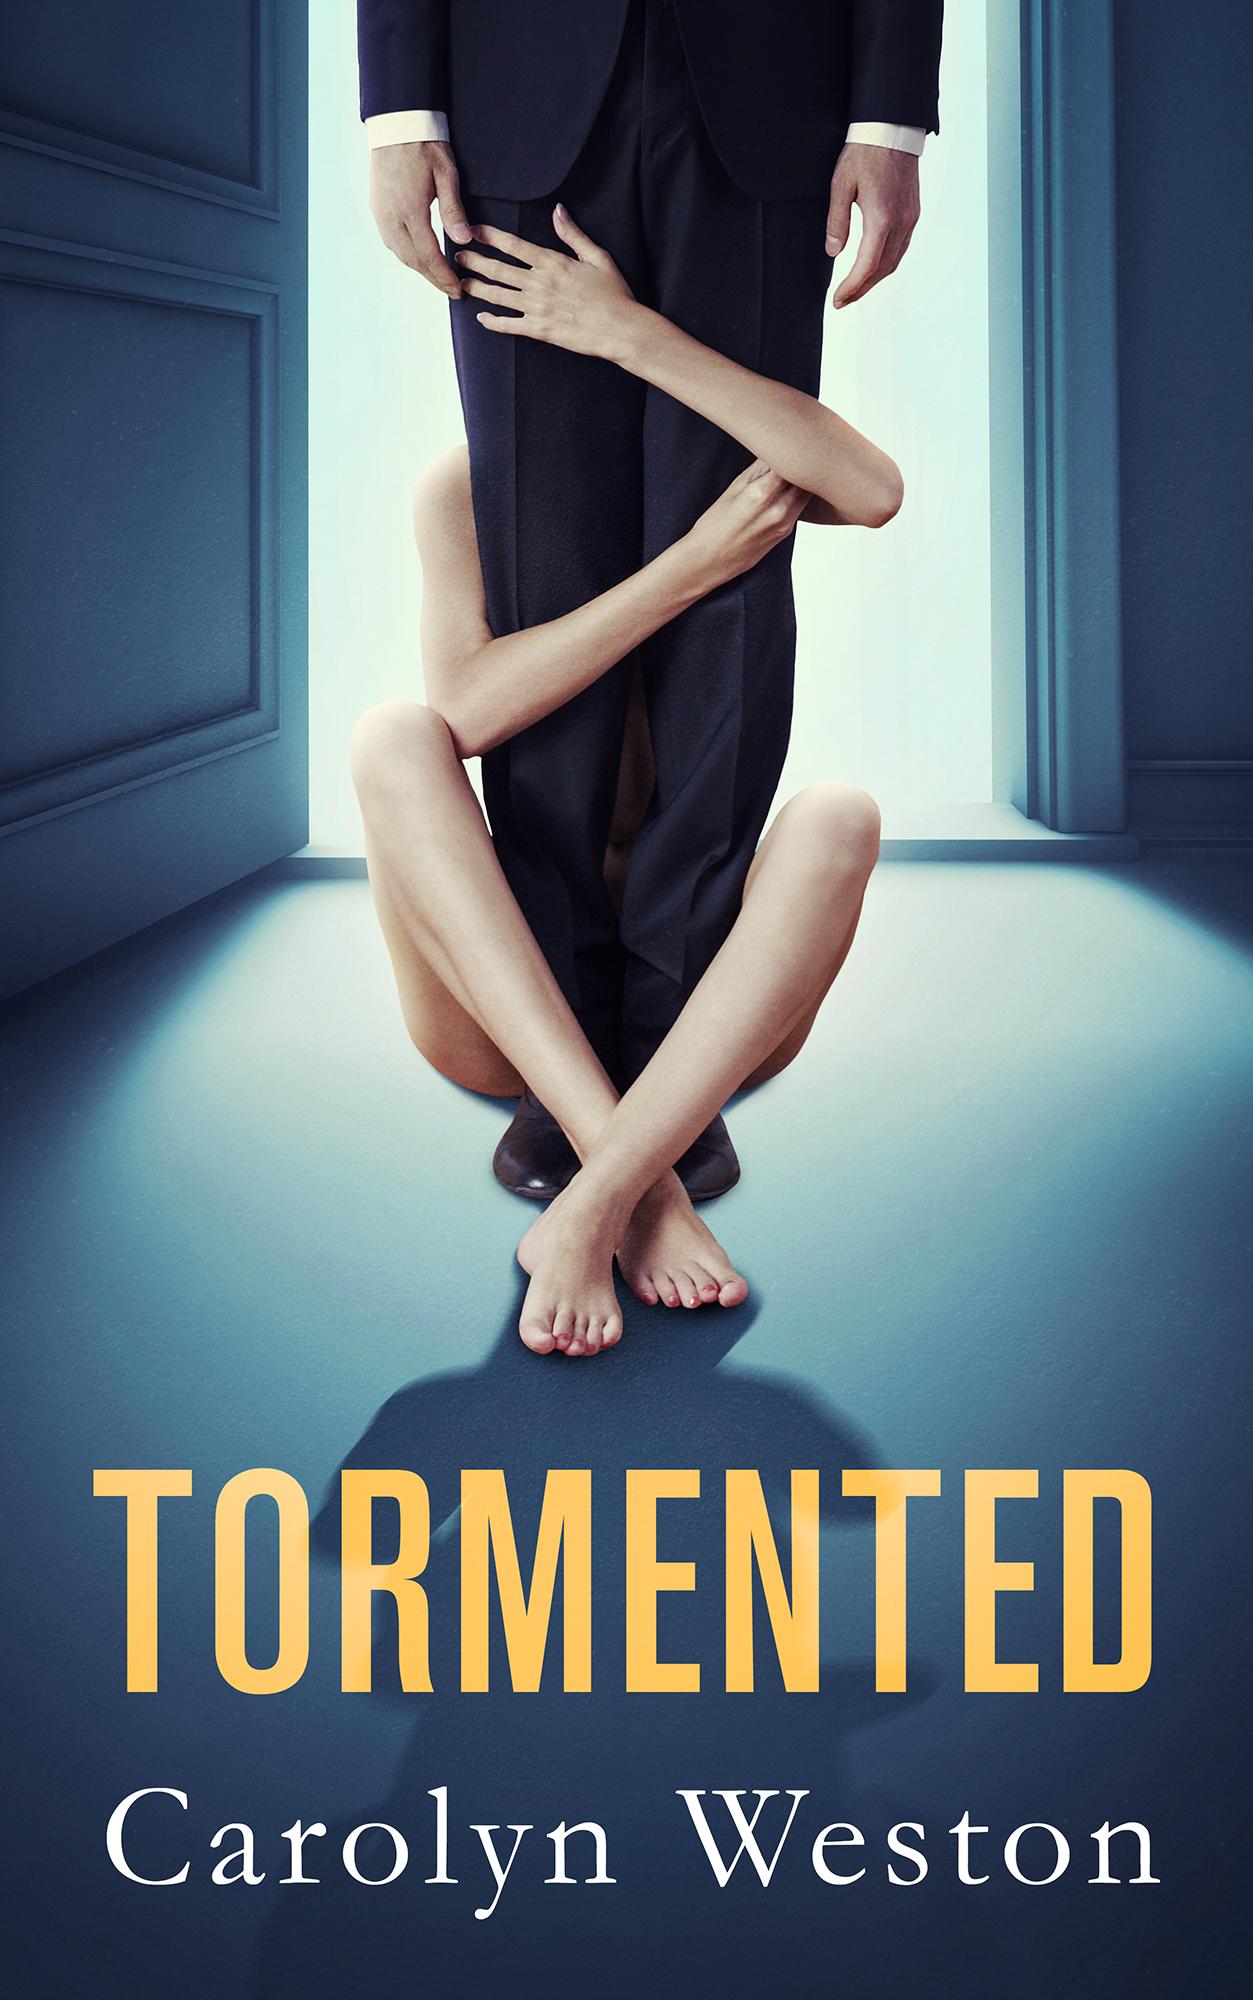 Tormented by Carolyn Weston